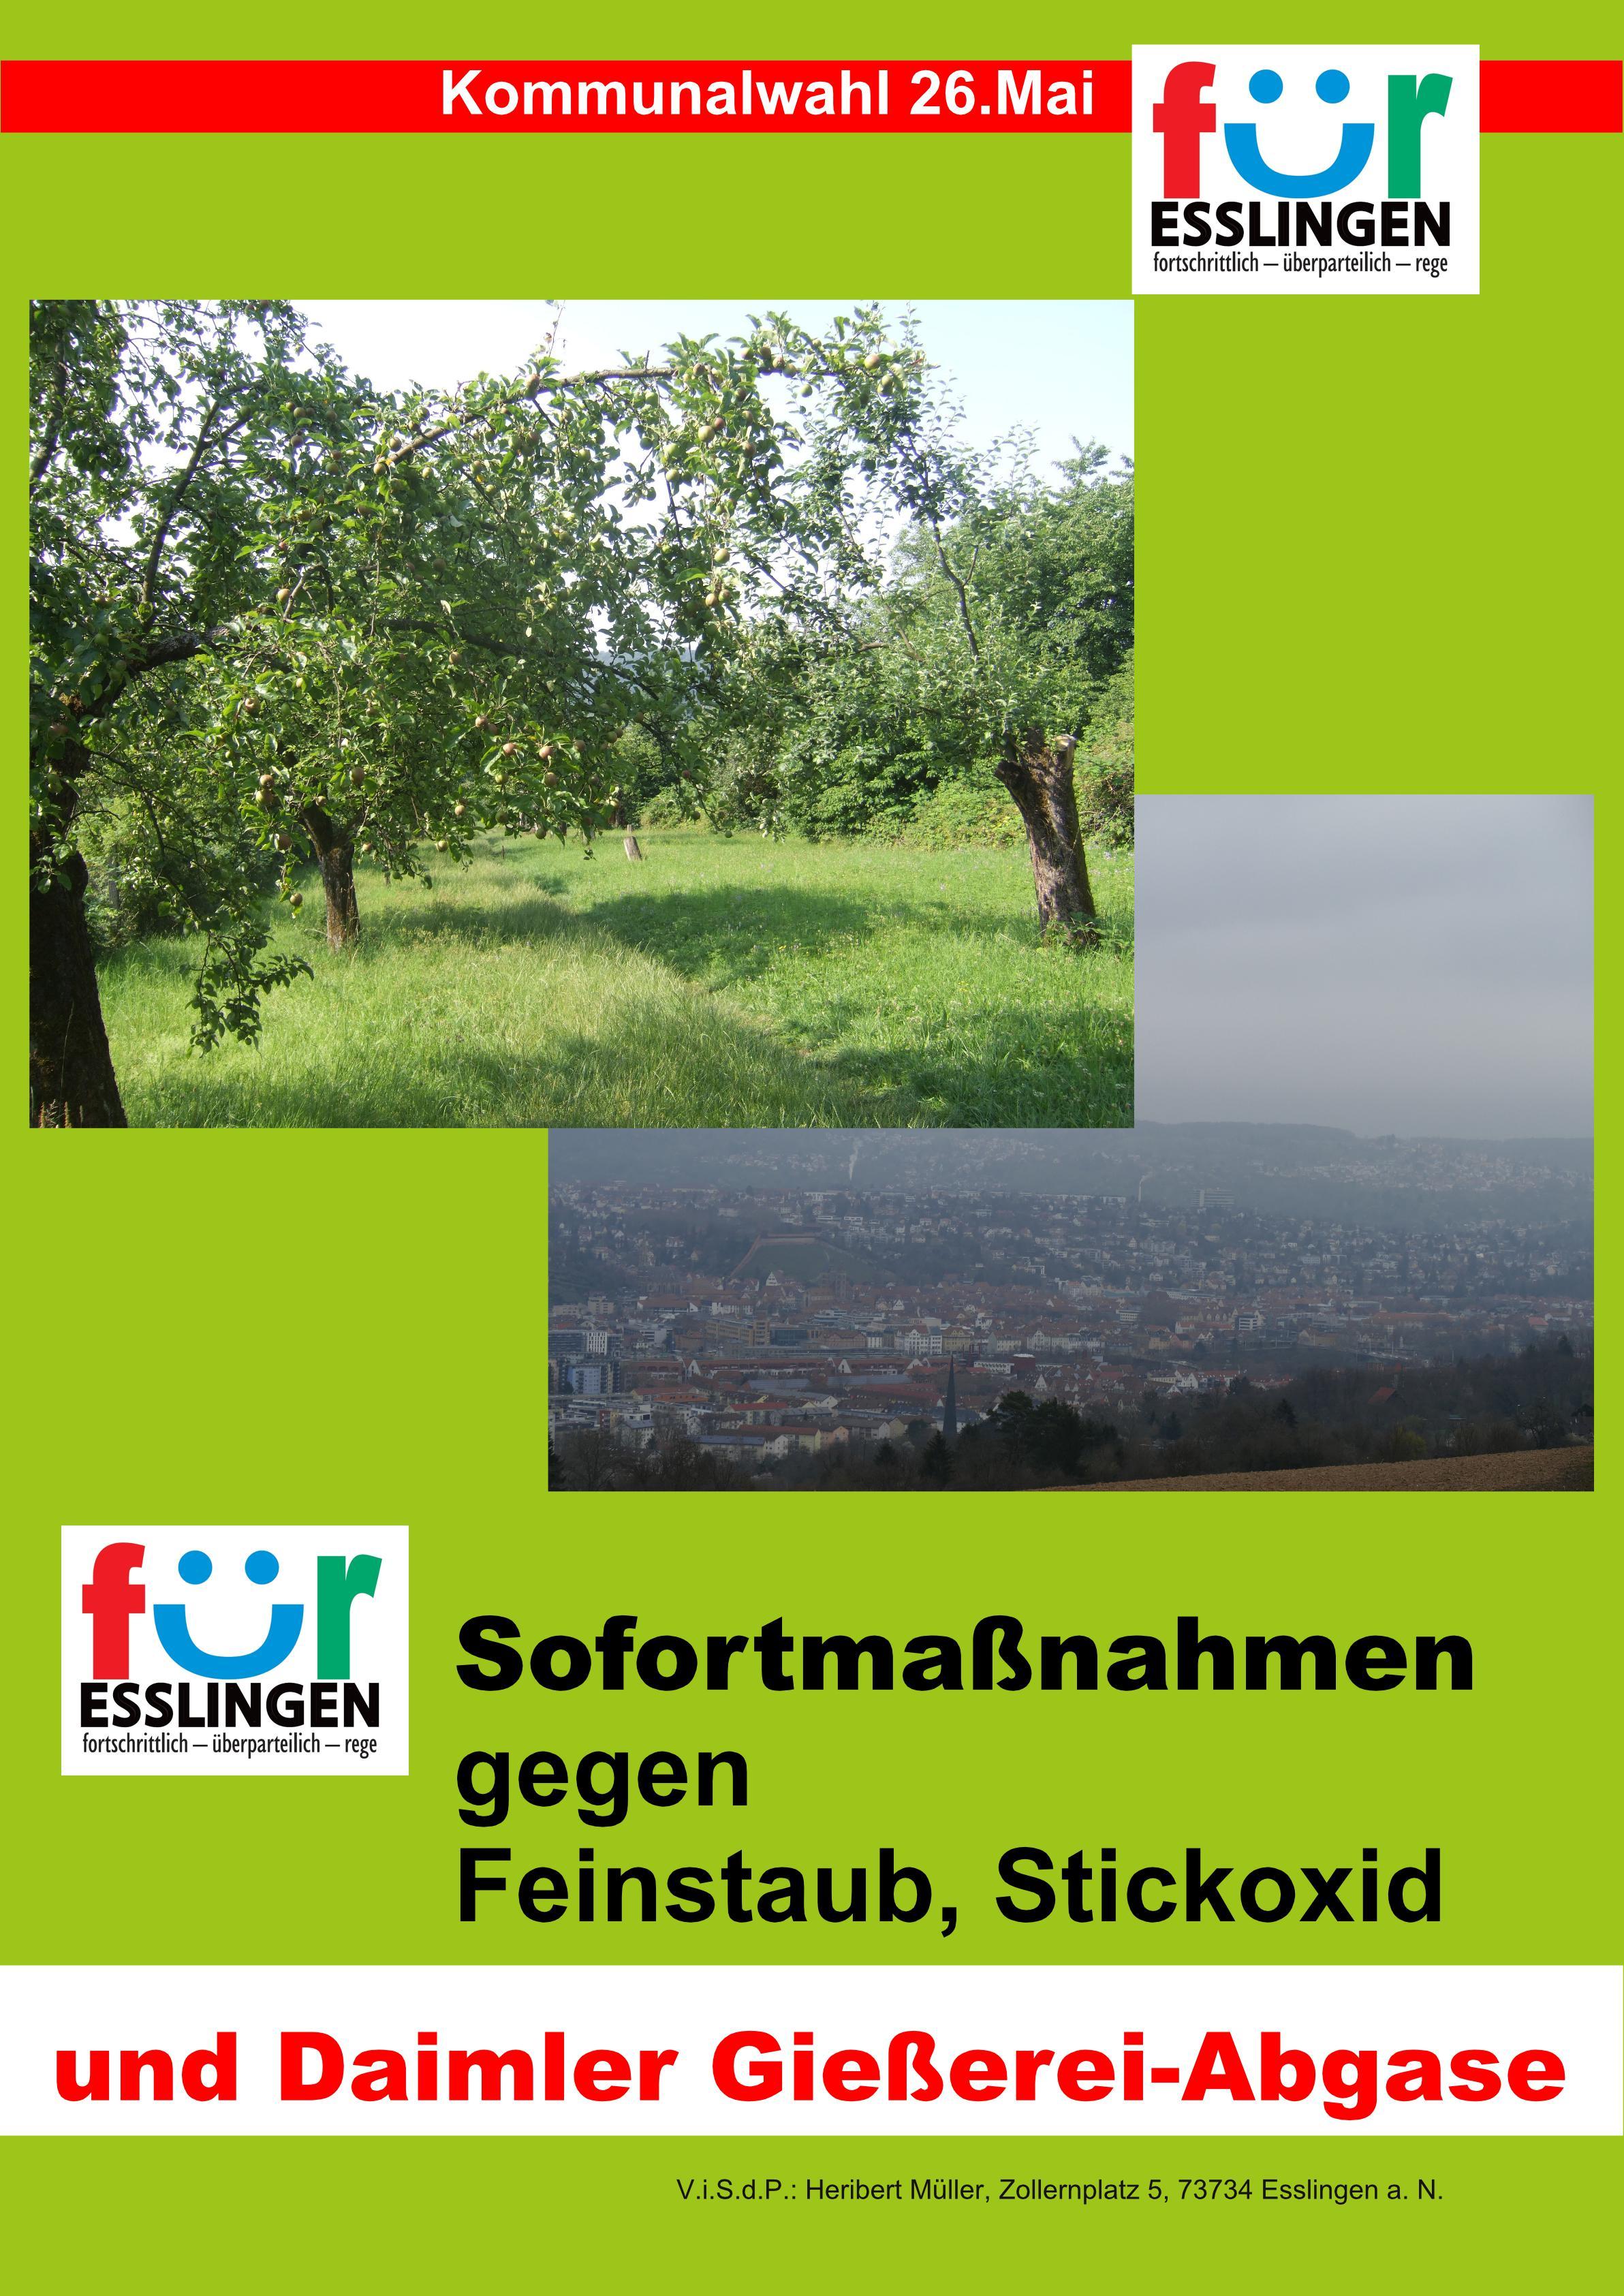 2019_03_01_GemRtWahl _Gießereiabgase_grün-Seite001